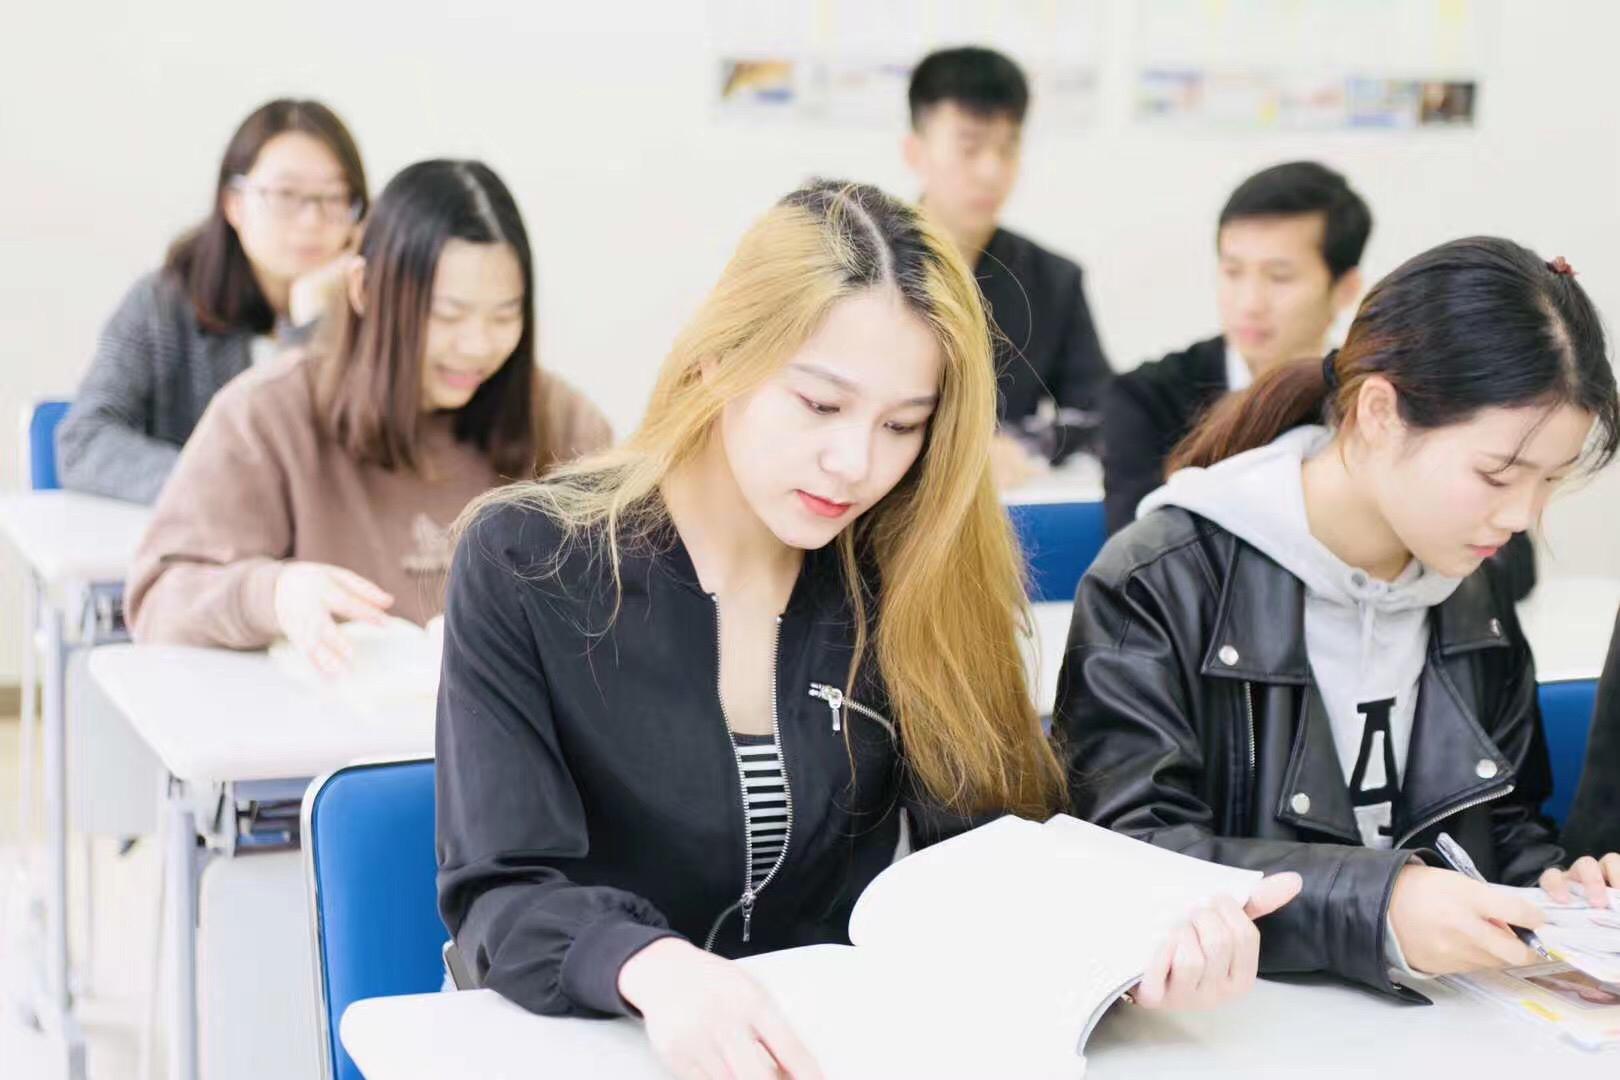 去日本留学保证金该怎么准备?这些你必须要知道!